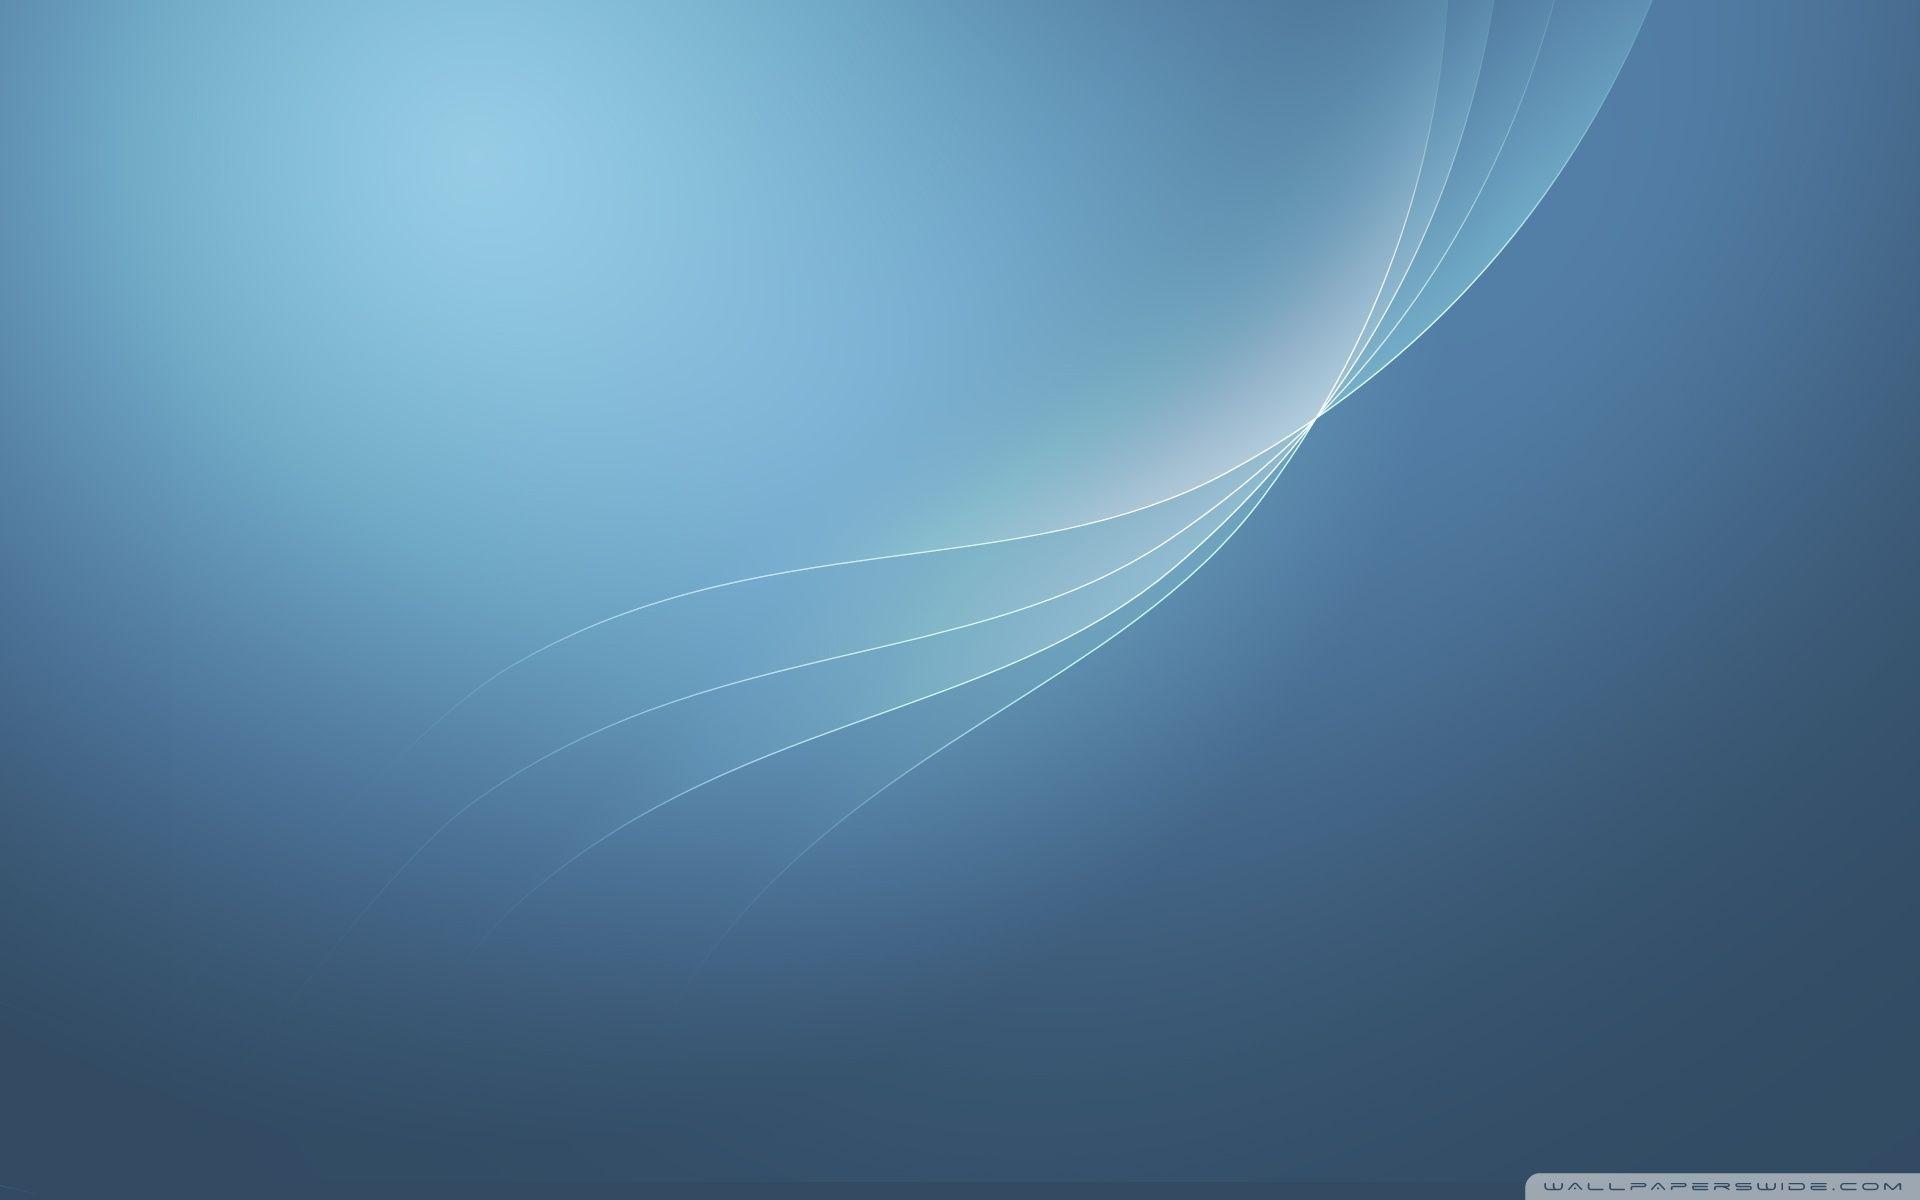 Minimalist Blue Wallpapers Top Free Minimalist Blue